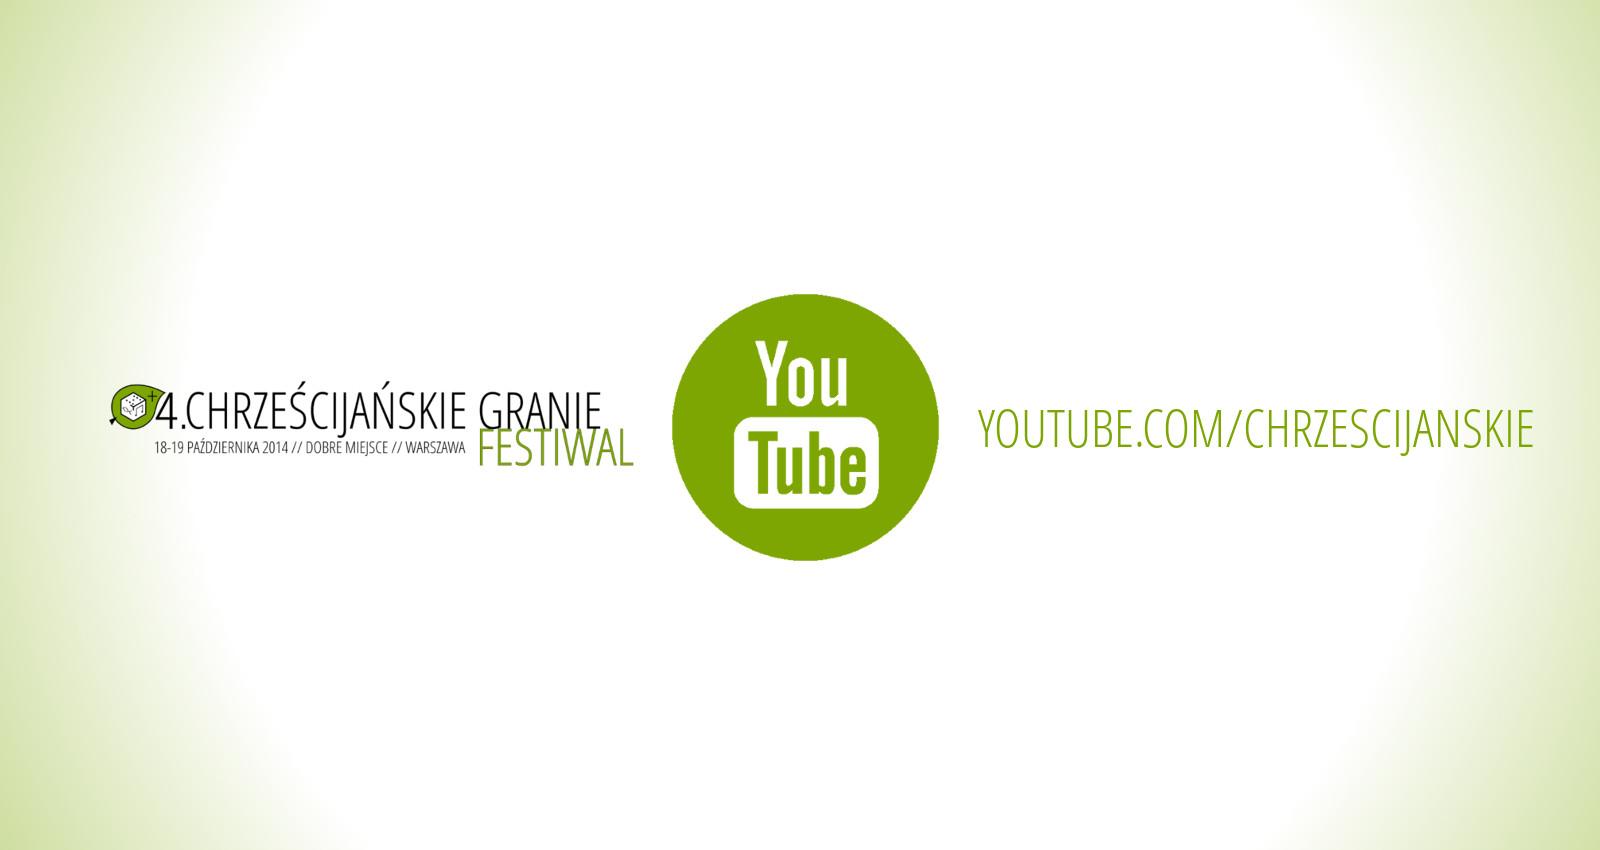 Festiwal Chrześcijańskie Granie - kanał YouTube